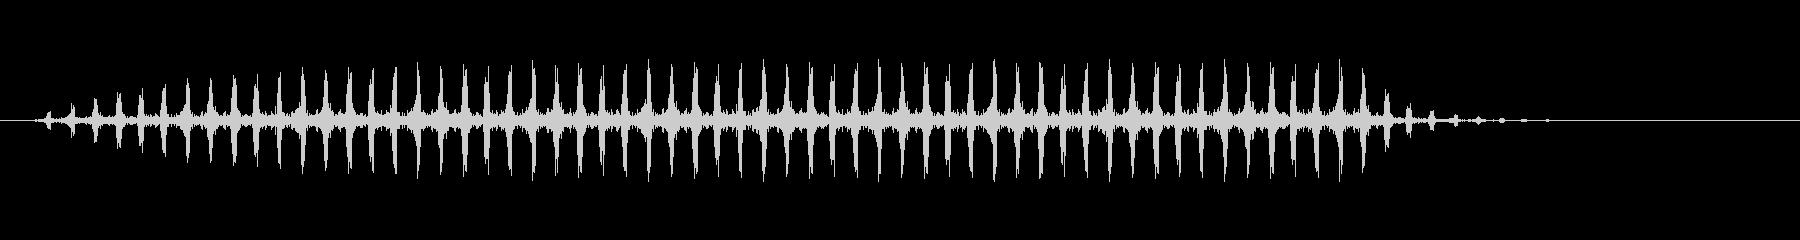 ヘリコプターの飛行音【バッバッバッバッ】の未再生の波形